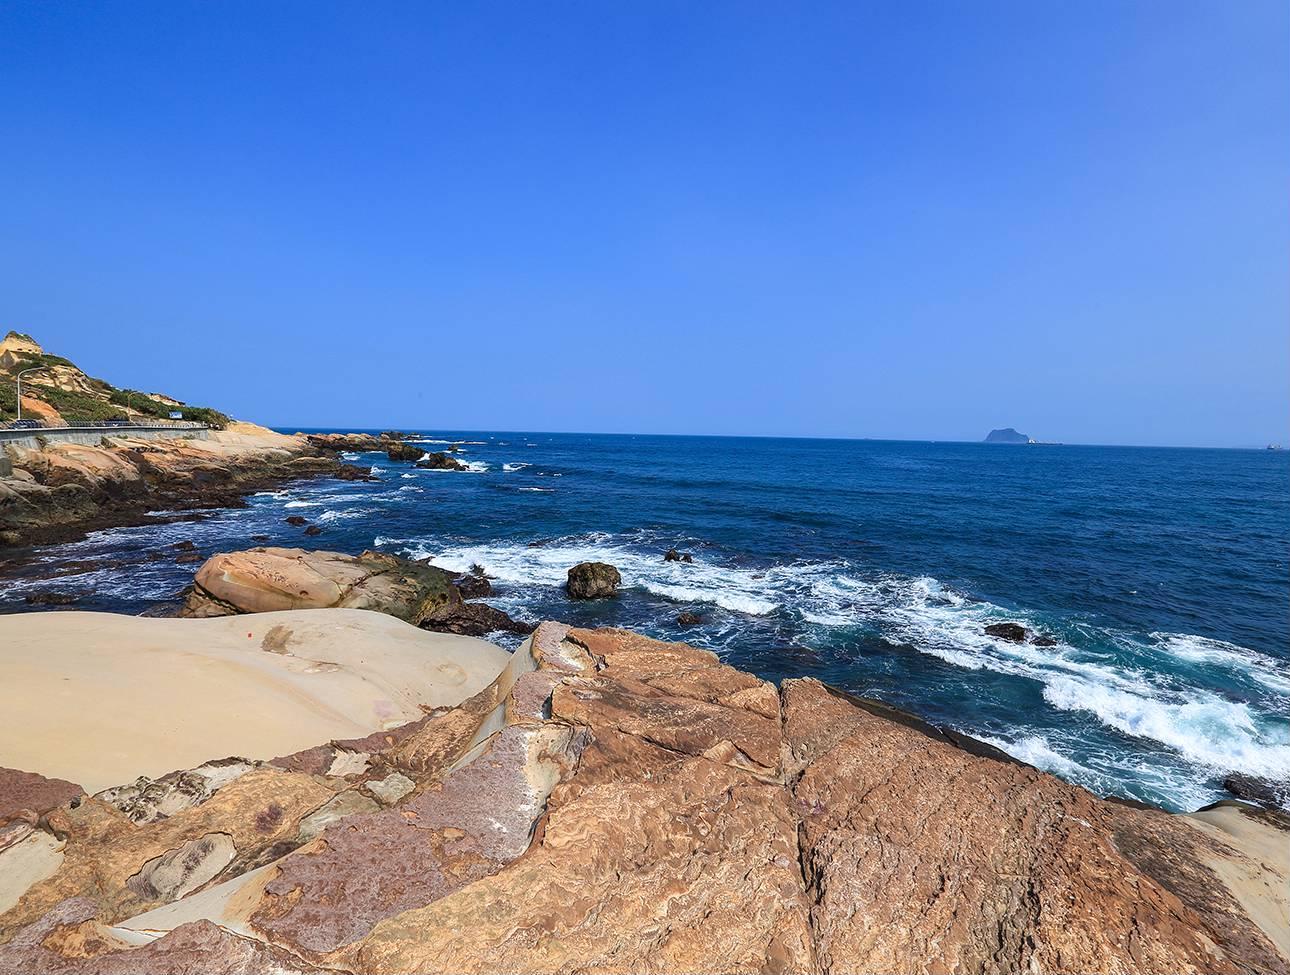 龜吼漁港每年9-11月總會湧入大批人潮搶購新鮮肥美的萬里蟹。圖/新北市觀光旅遊網